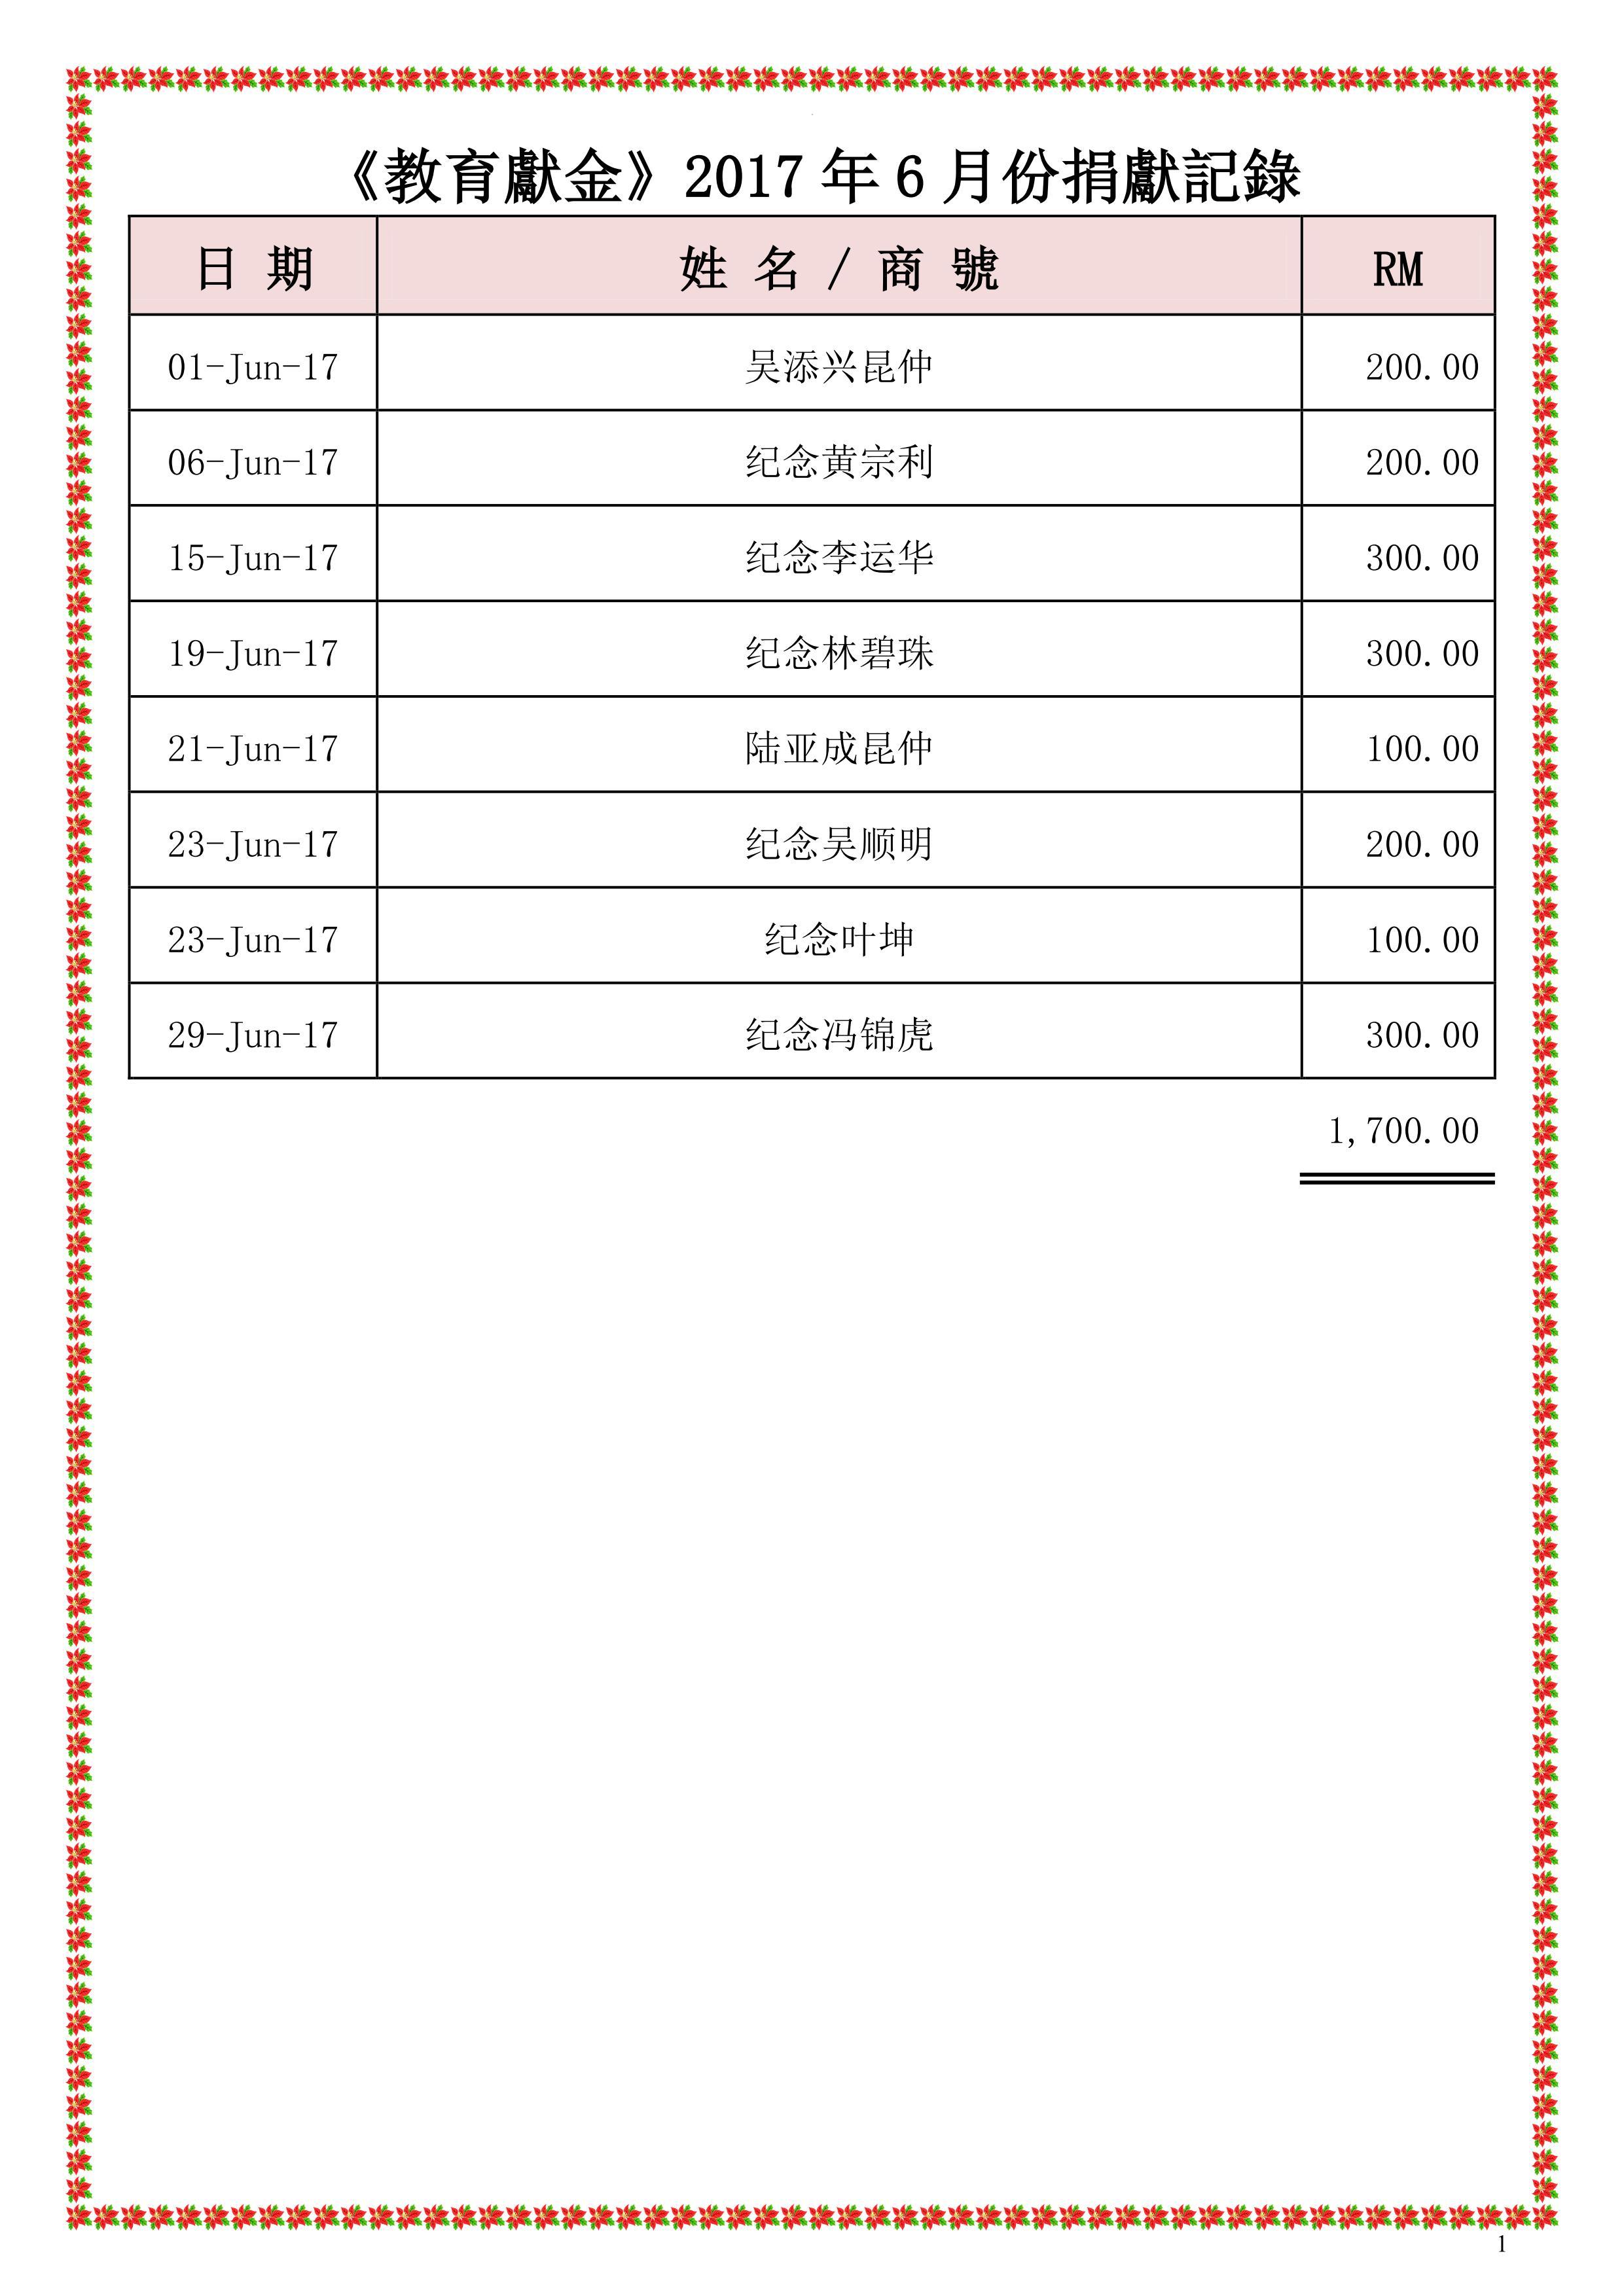 2017年6月份捐献名单